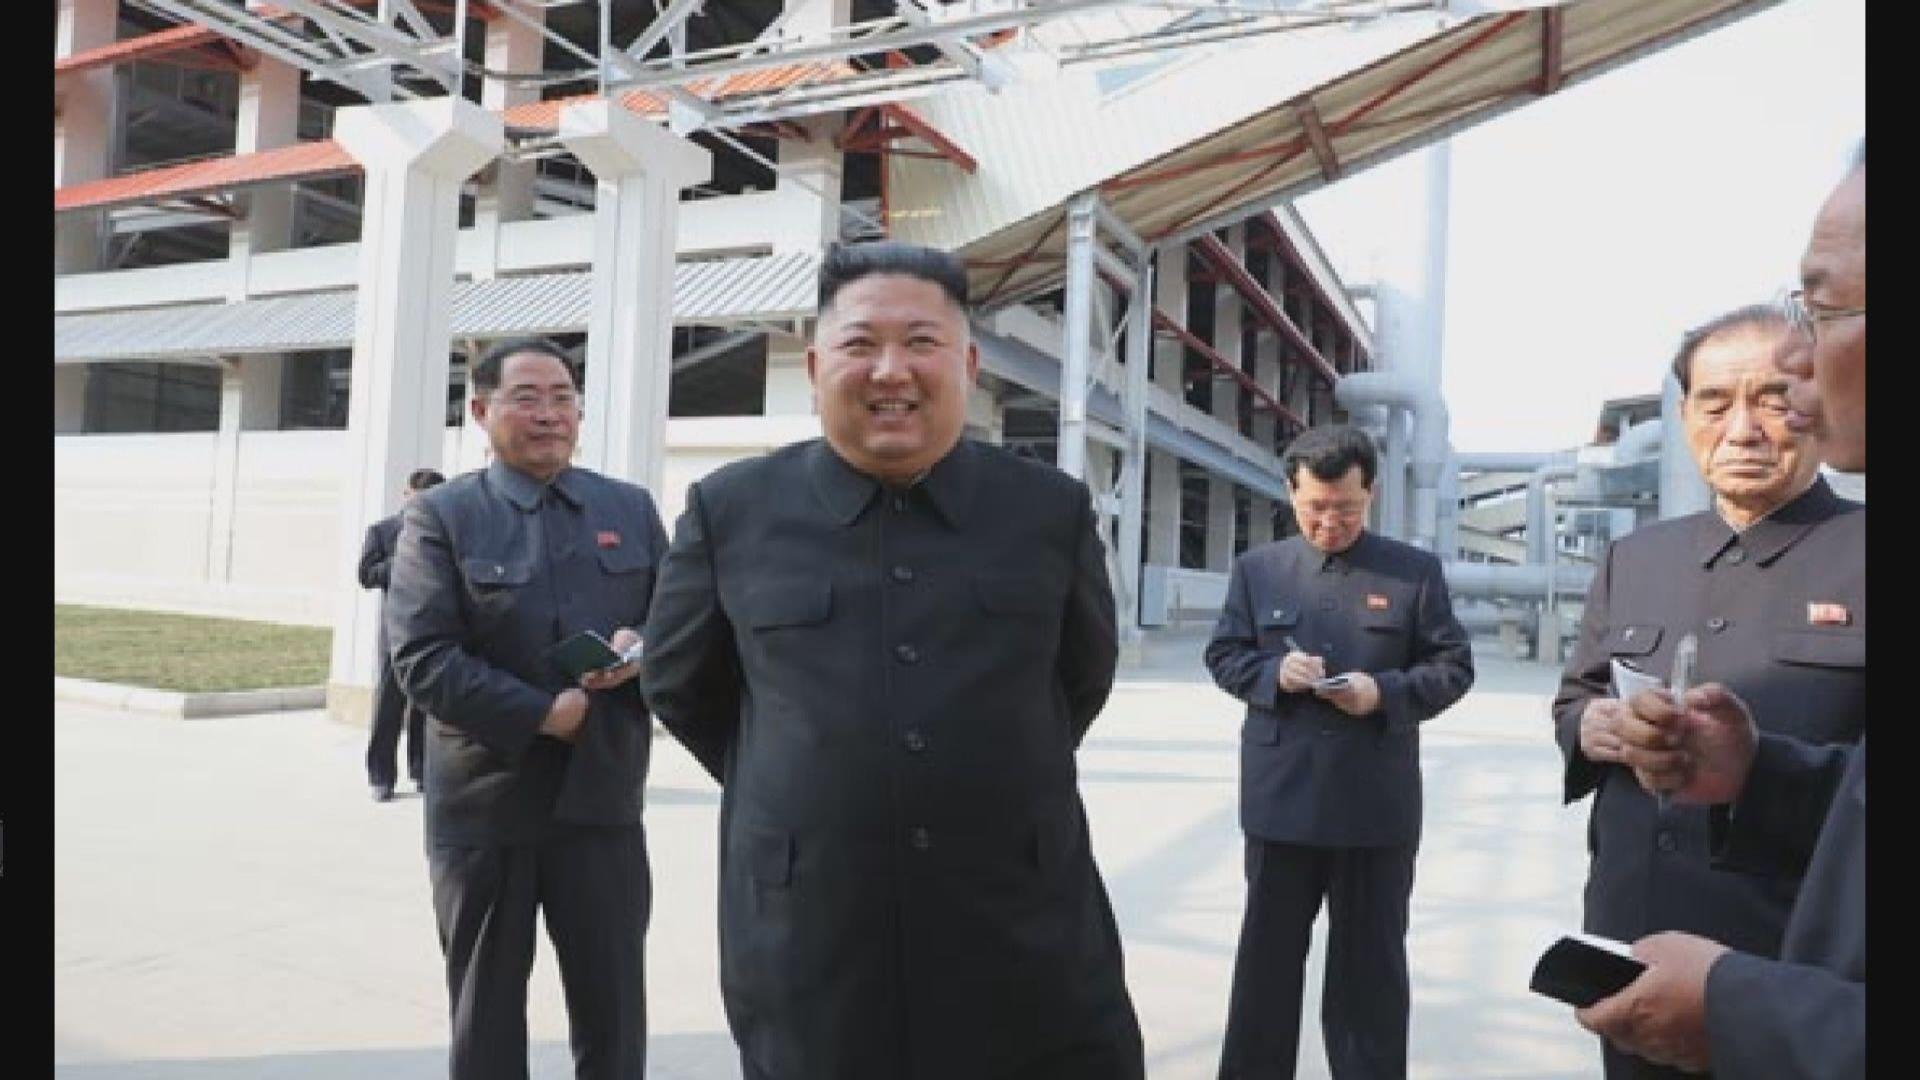 金正恩勞動節現身工廠竣工儀式 行動自如打破病重傳言